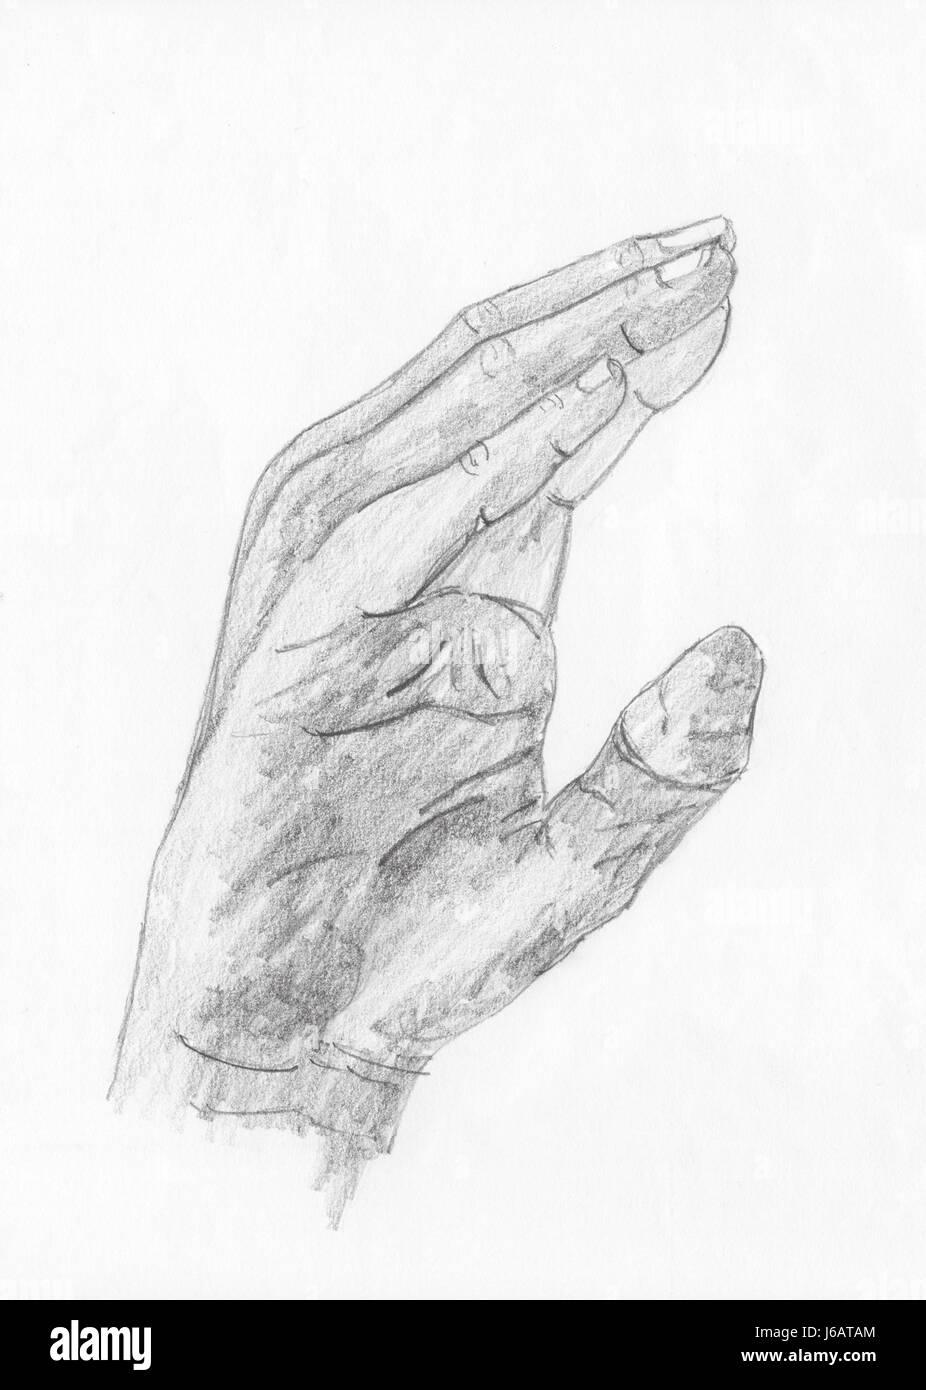 Beste Anatomie Des Fingers Der Hand Bilder - Anatomie Ideen ...